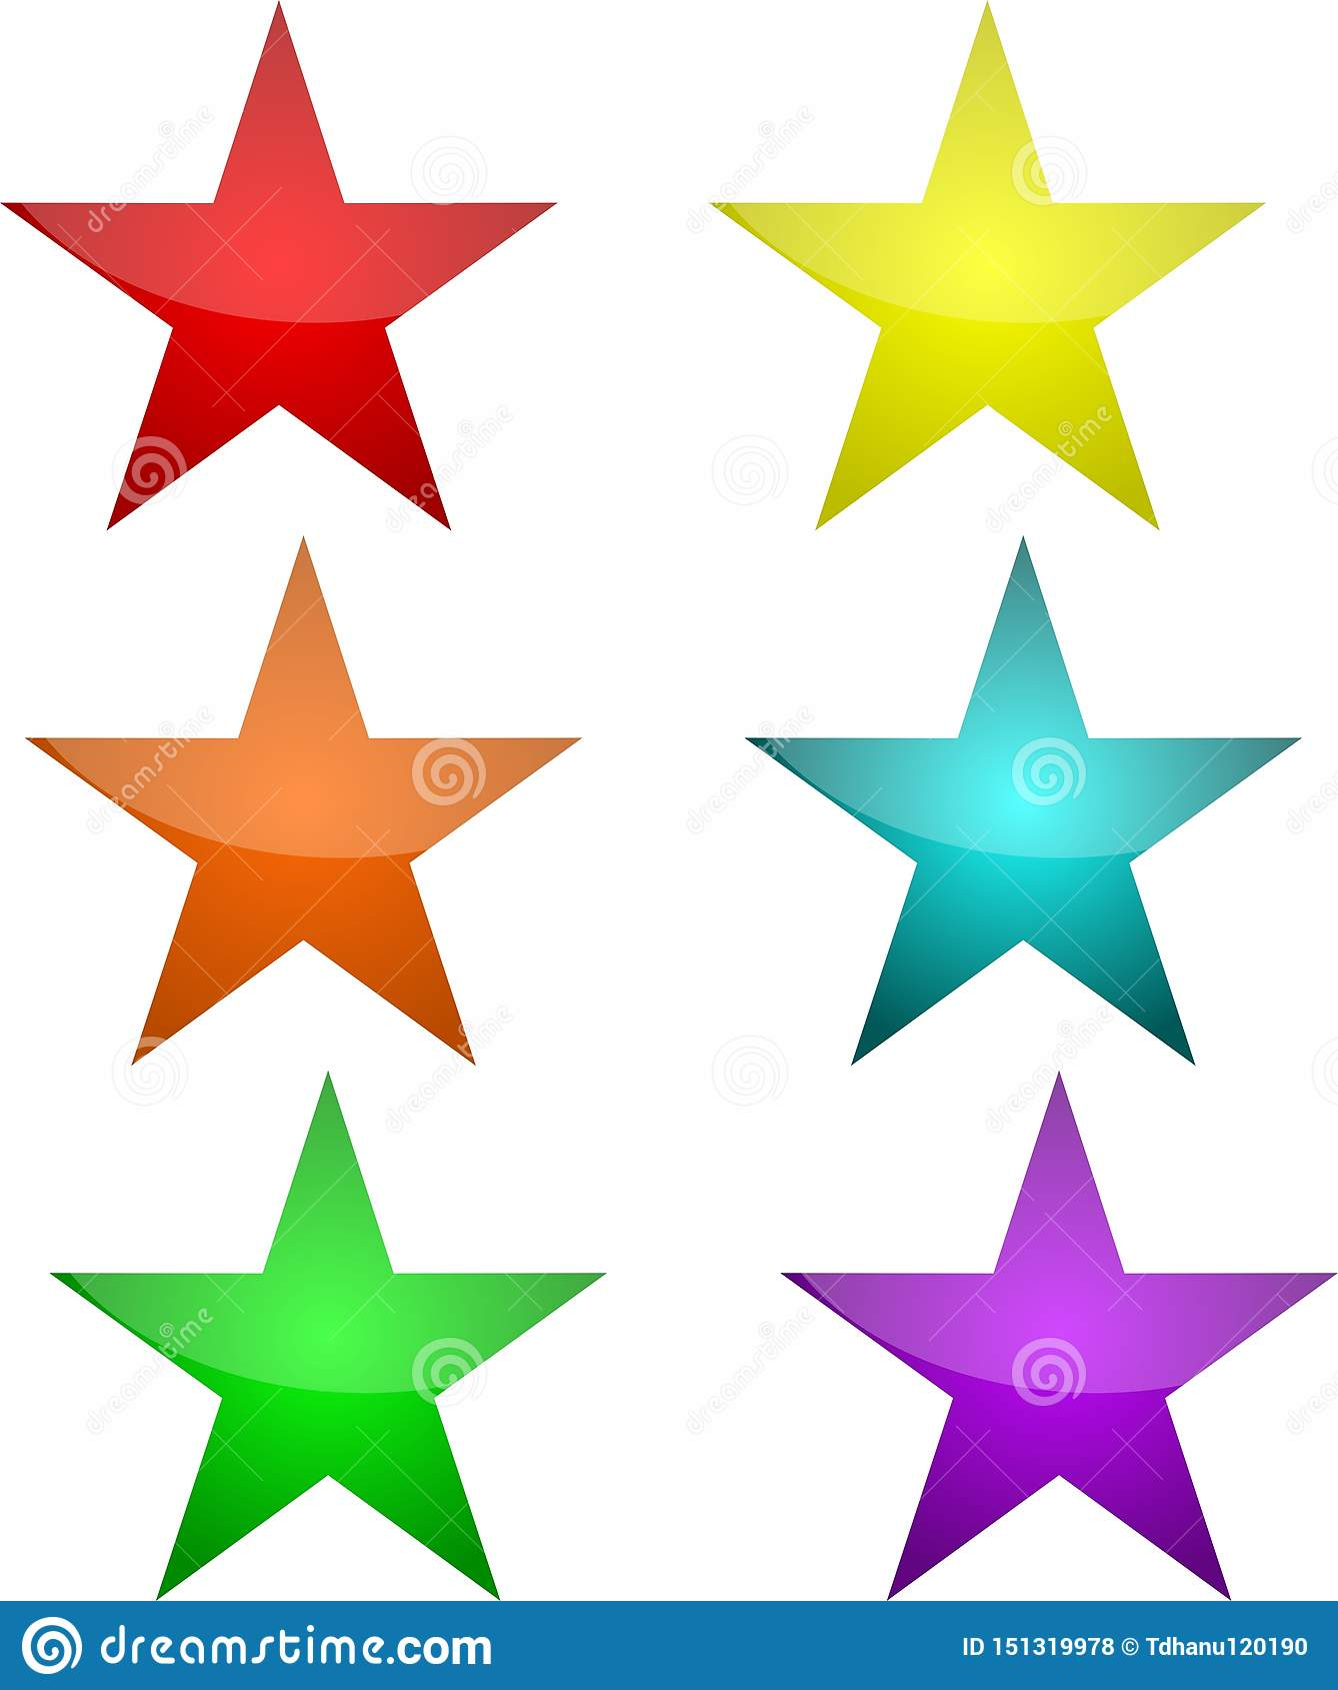 Sternknöpfe in sechs Farben